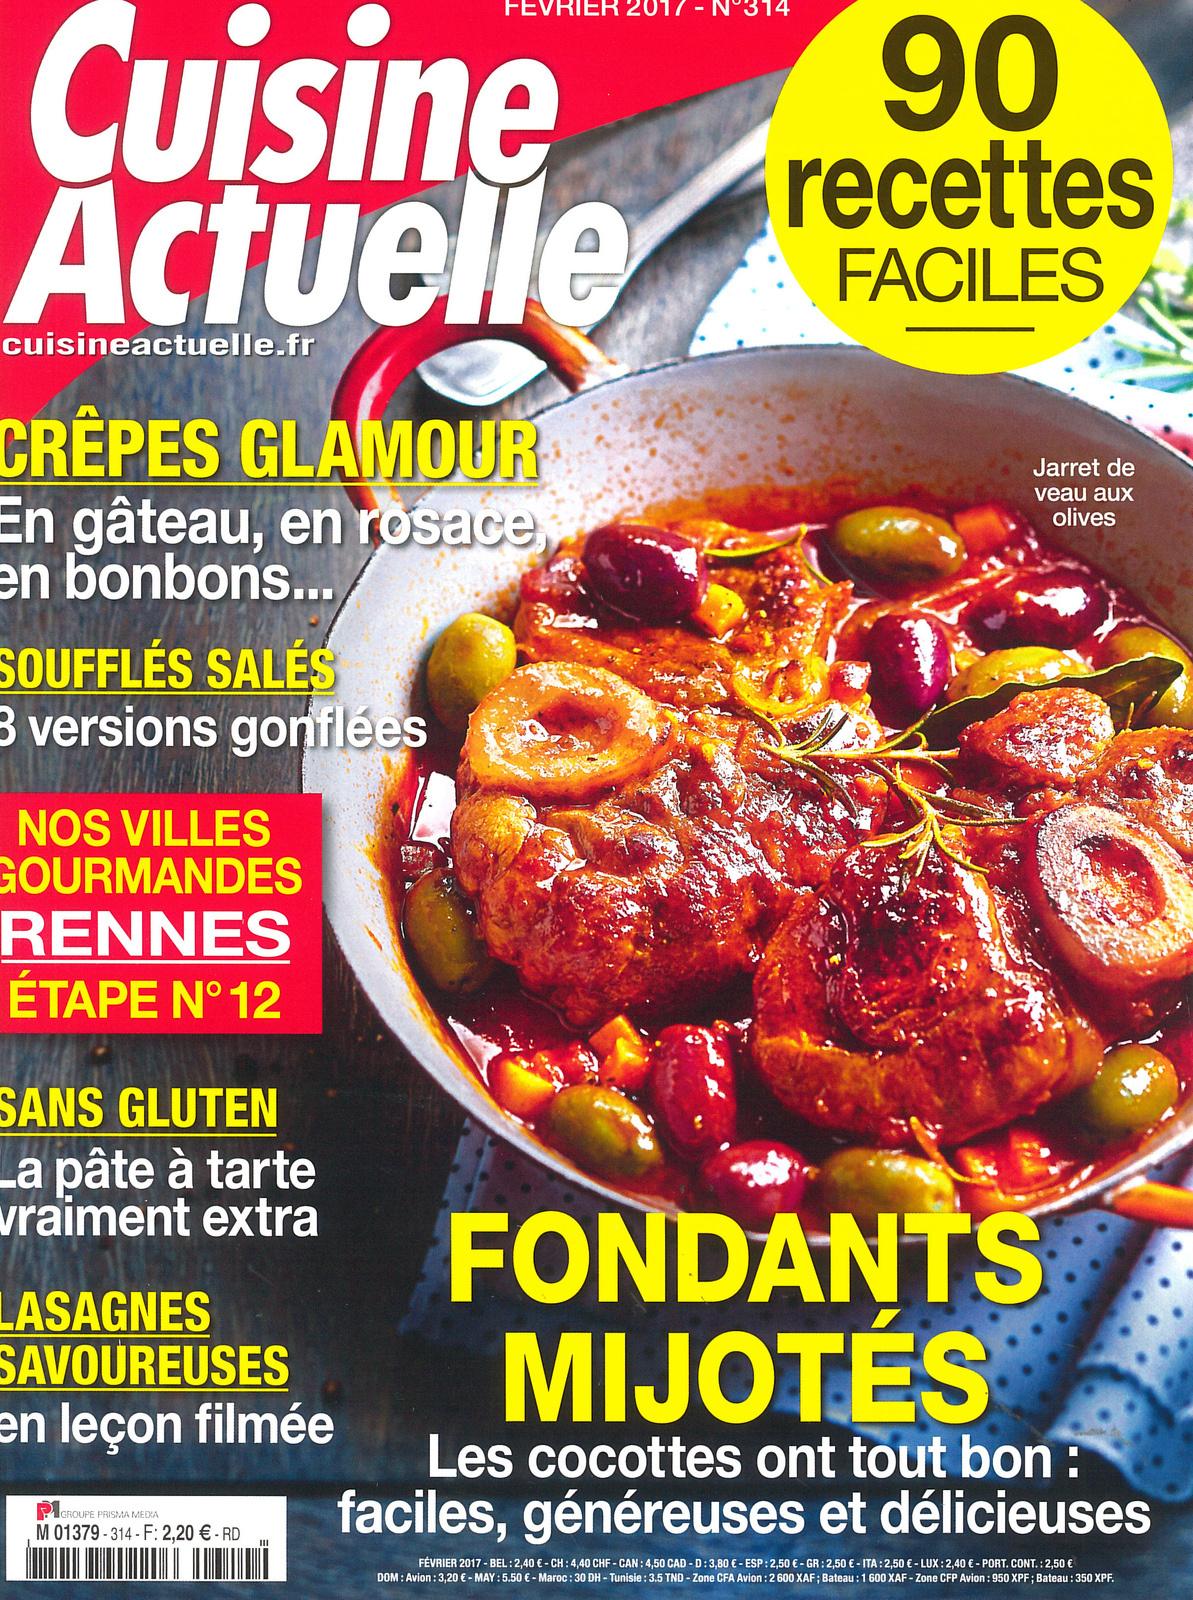 Le magazine Cuisine Actuelle et son dossier spécial crêpes